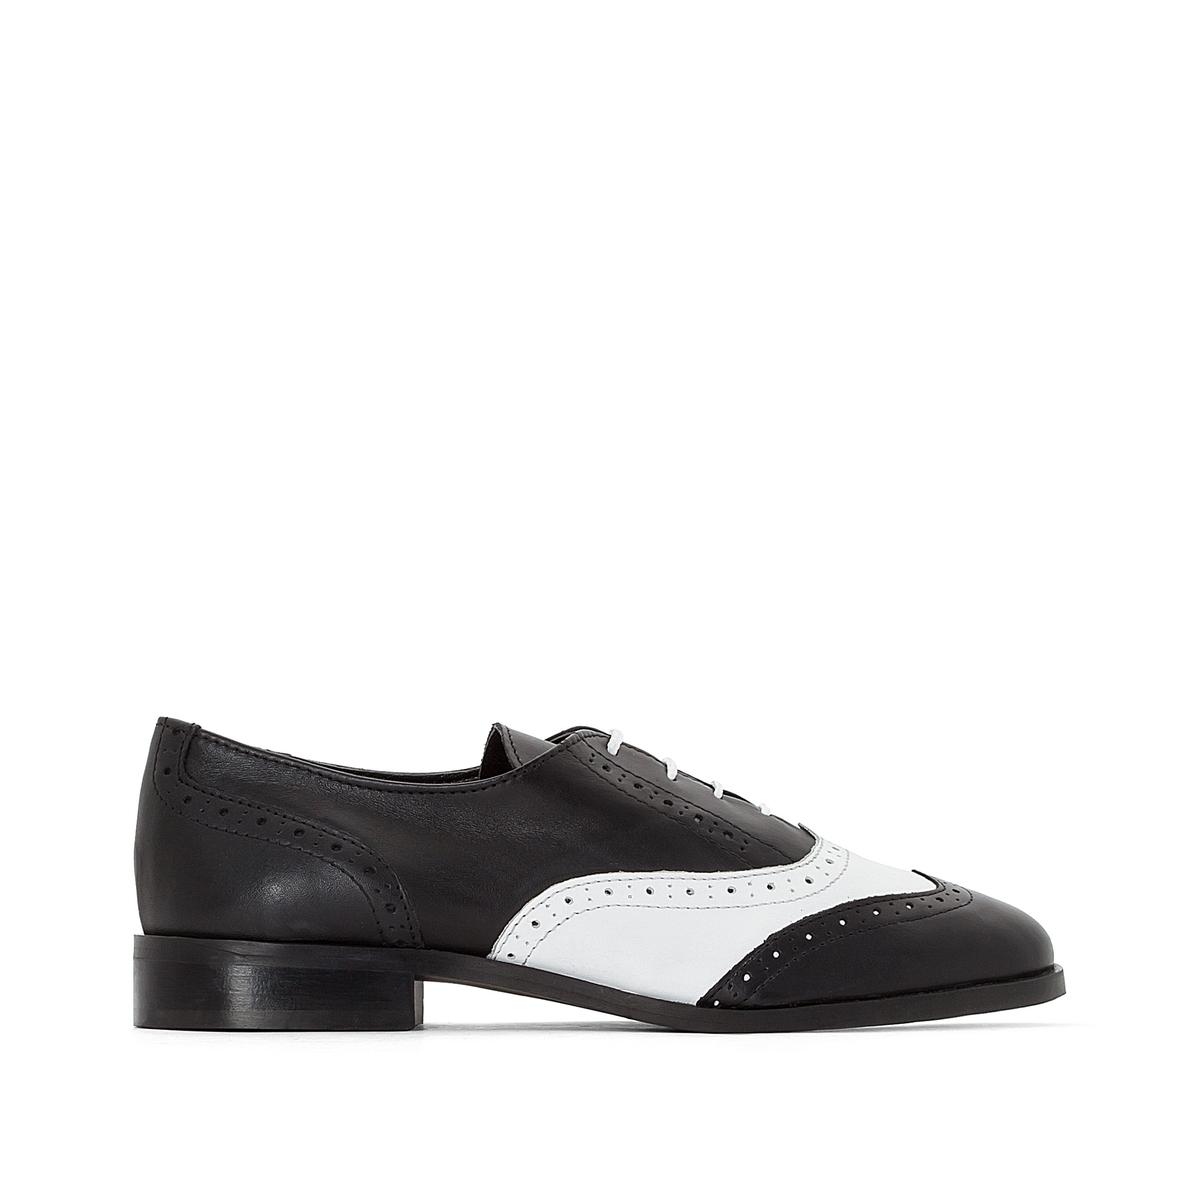 Ботинки-дерби кожаные двухцветные с мыском, как у обуви для гольфа